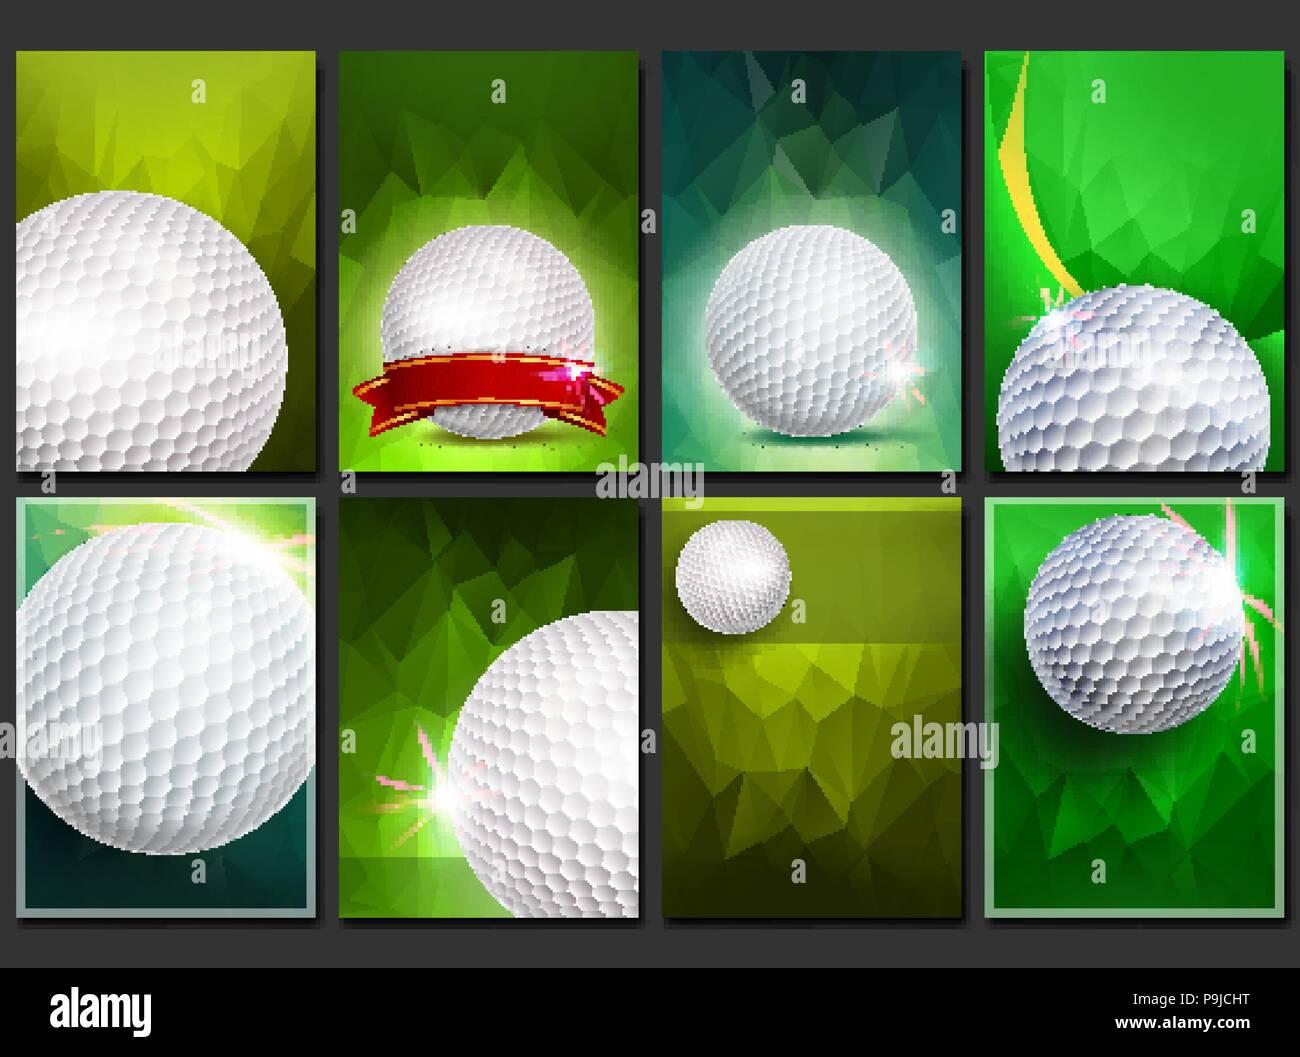 b482ecd26 Póster de Golf conjunto Vector. Plantilla vacía para el diseño. La  promoción. Pelota de golf. Torneo moderno. Anuncio de eventos deportivos.  Banner de ...